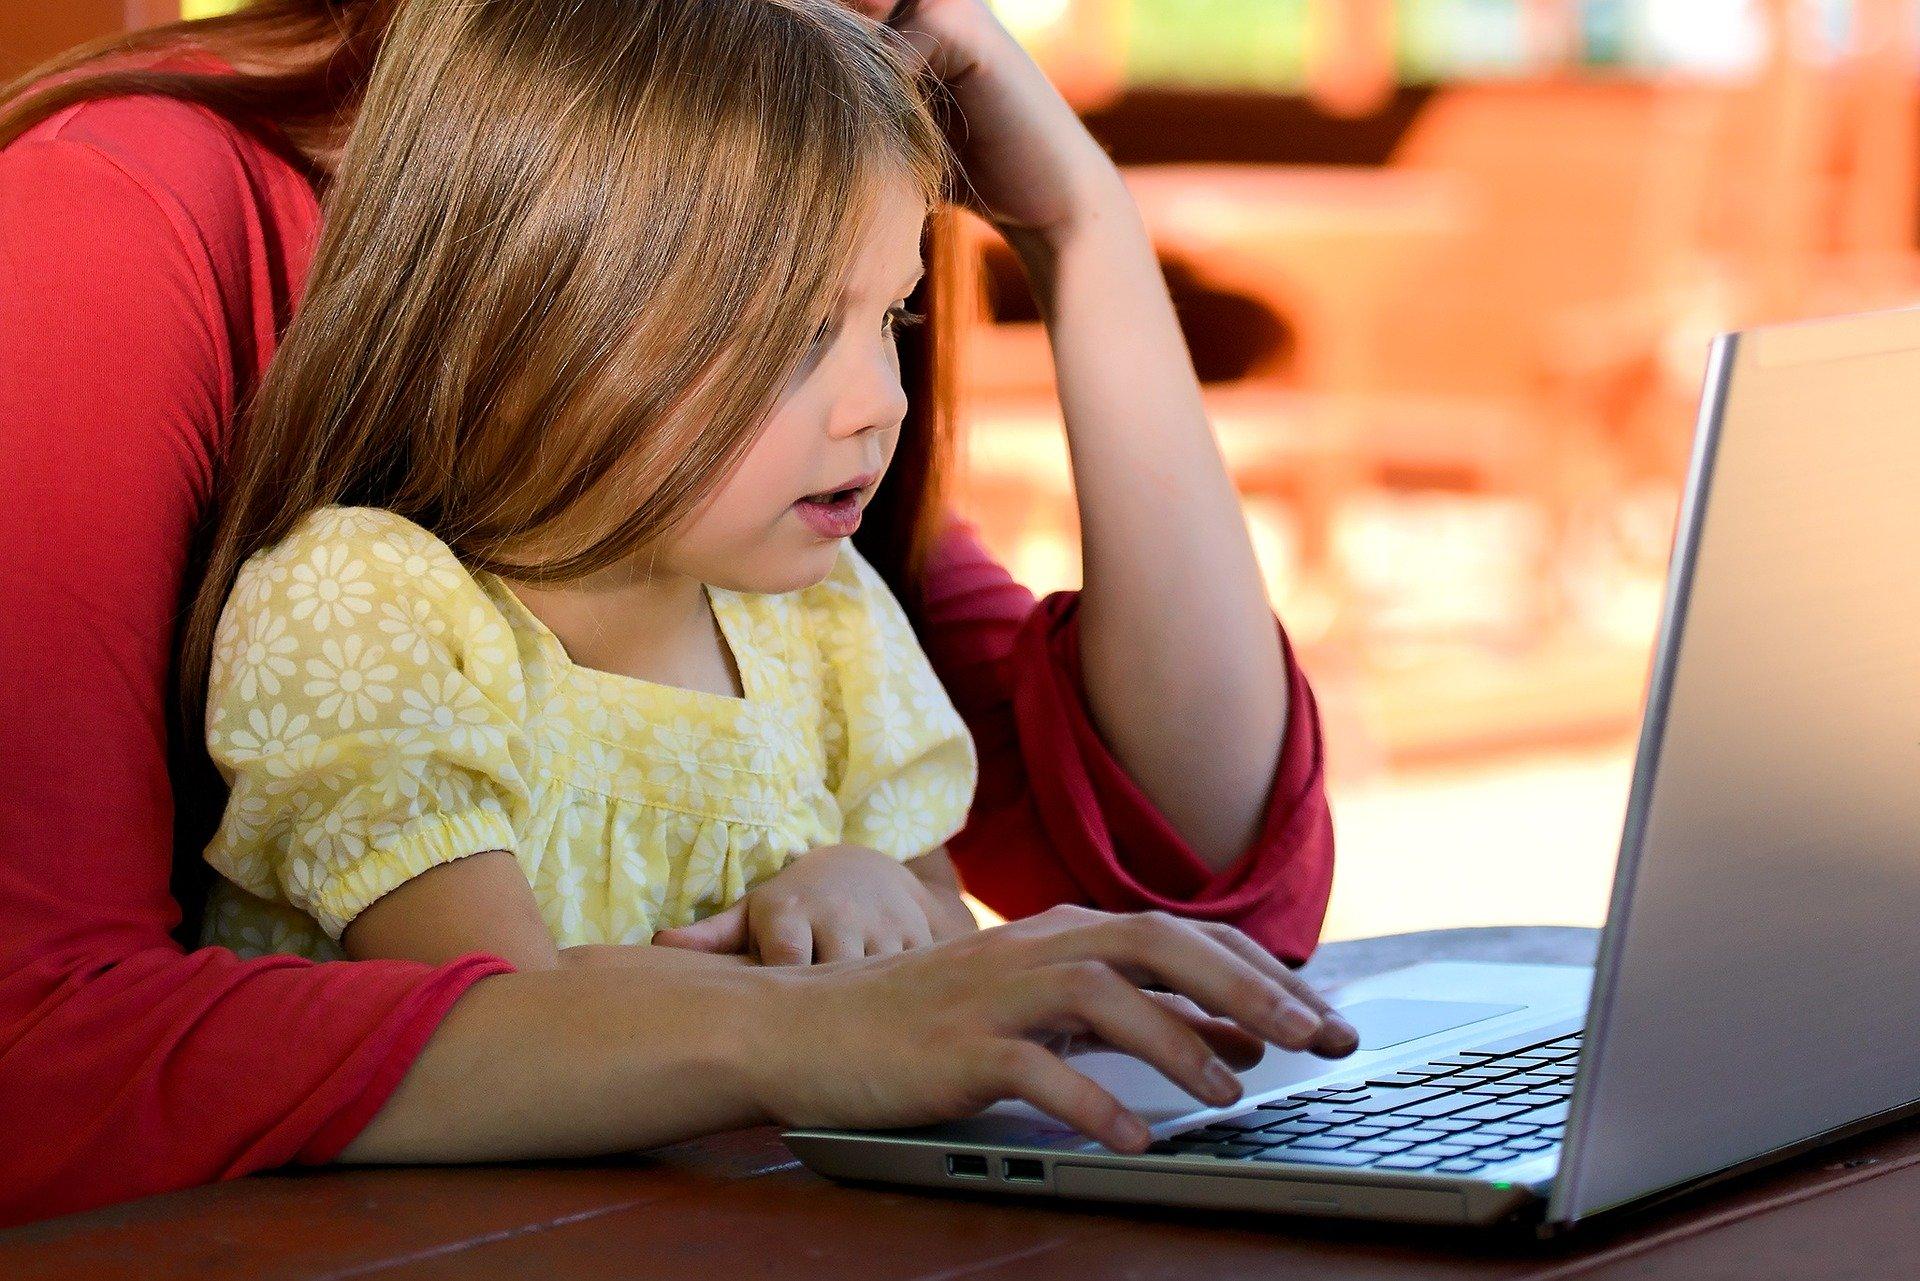 Enfant devant ordinateur pendant le confinement